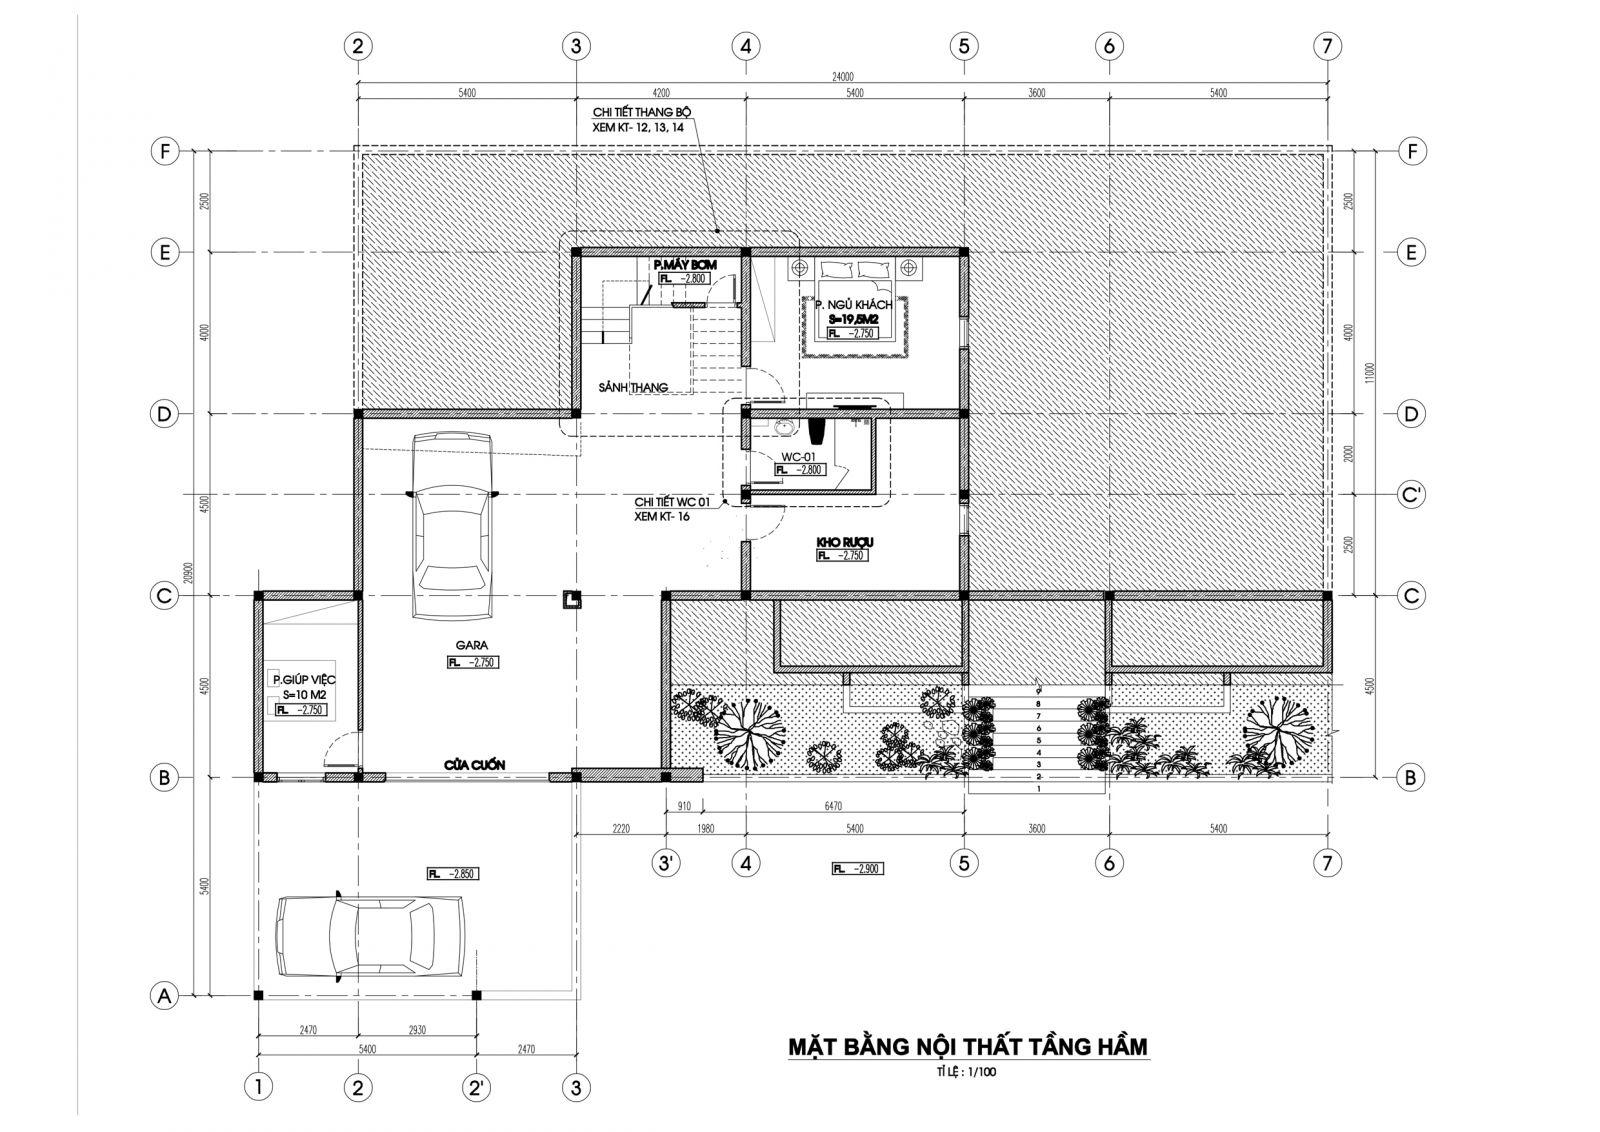 Mặt bằng tầng hầm mẫu nhà biệt thự 2 tầng hiện đại